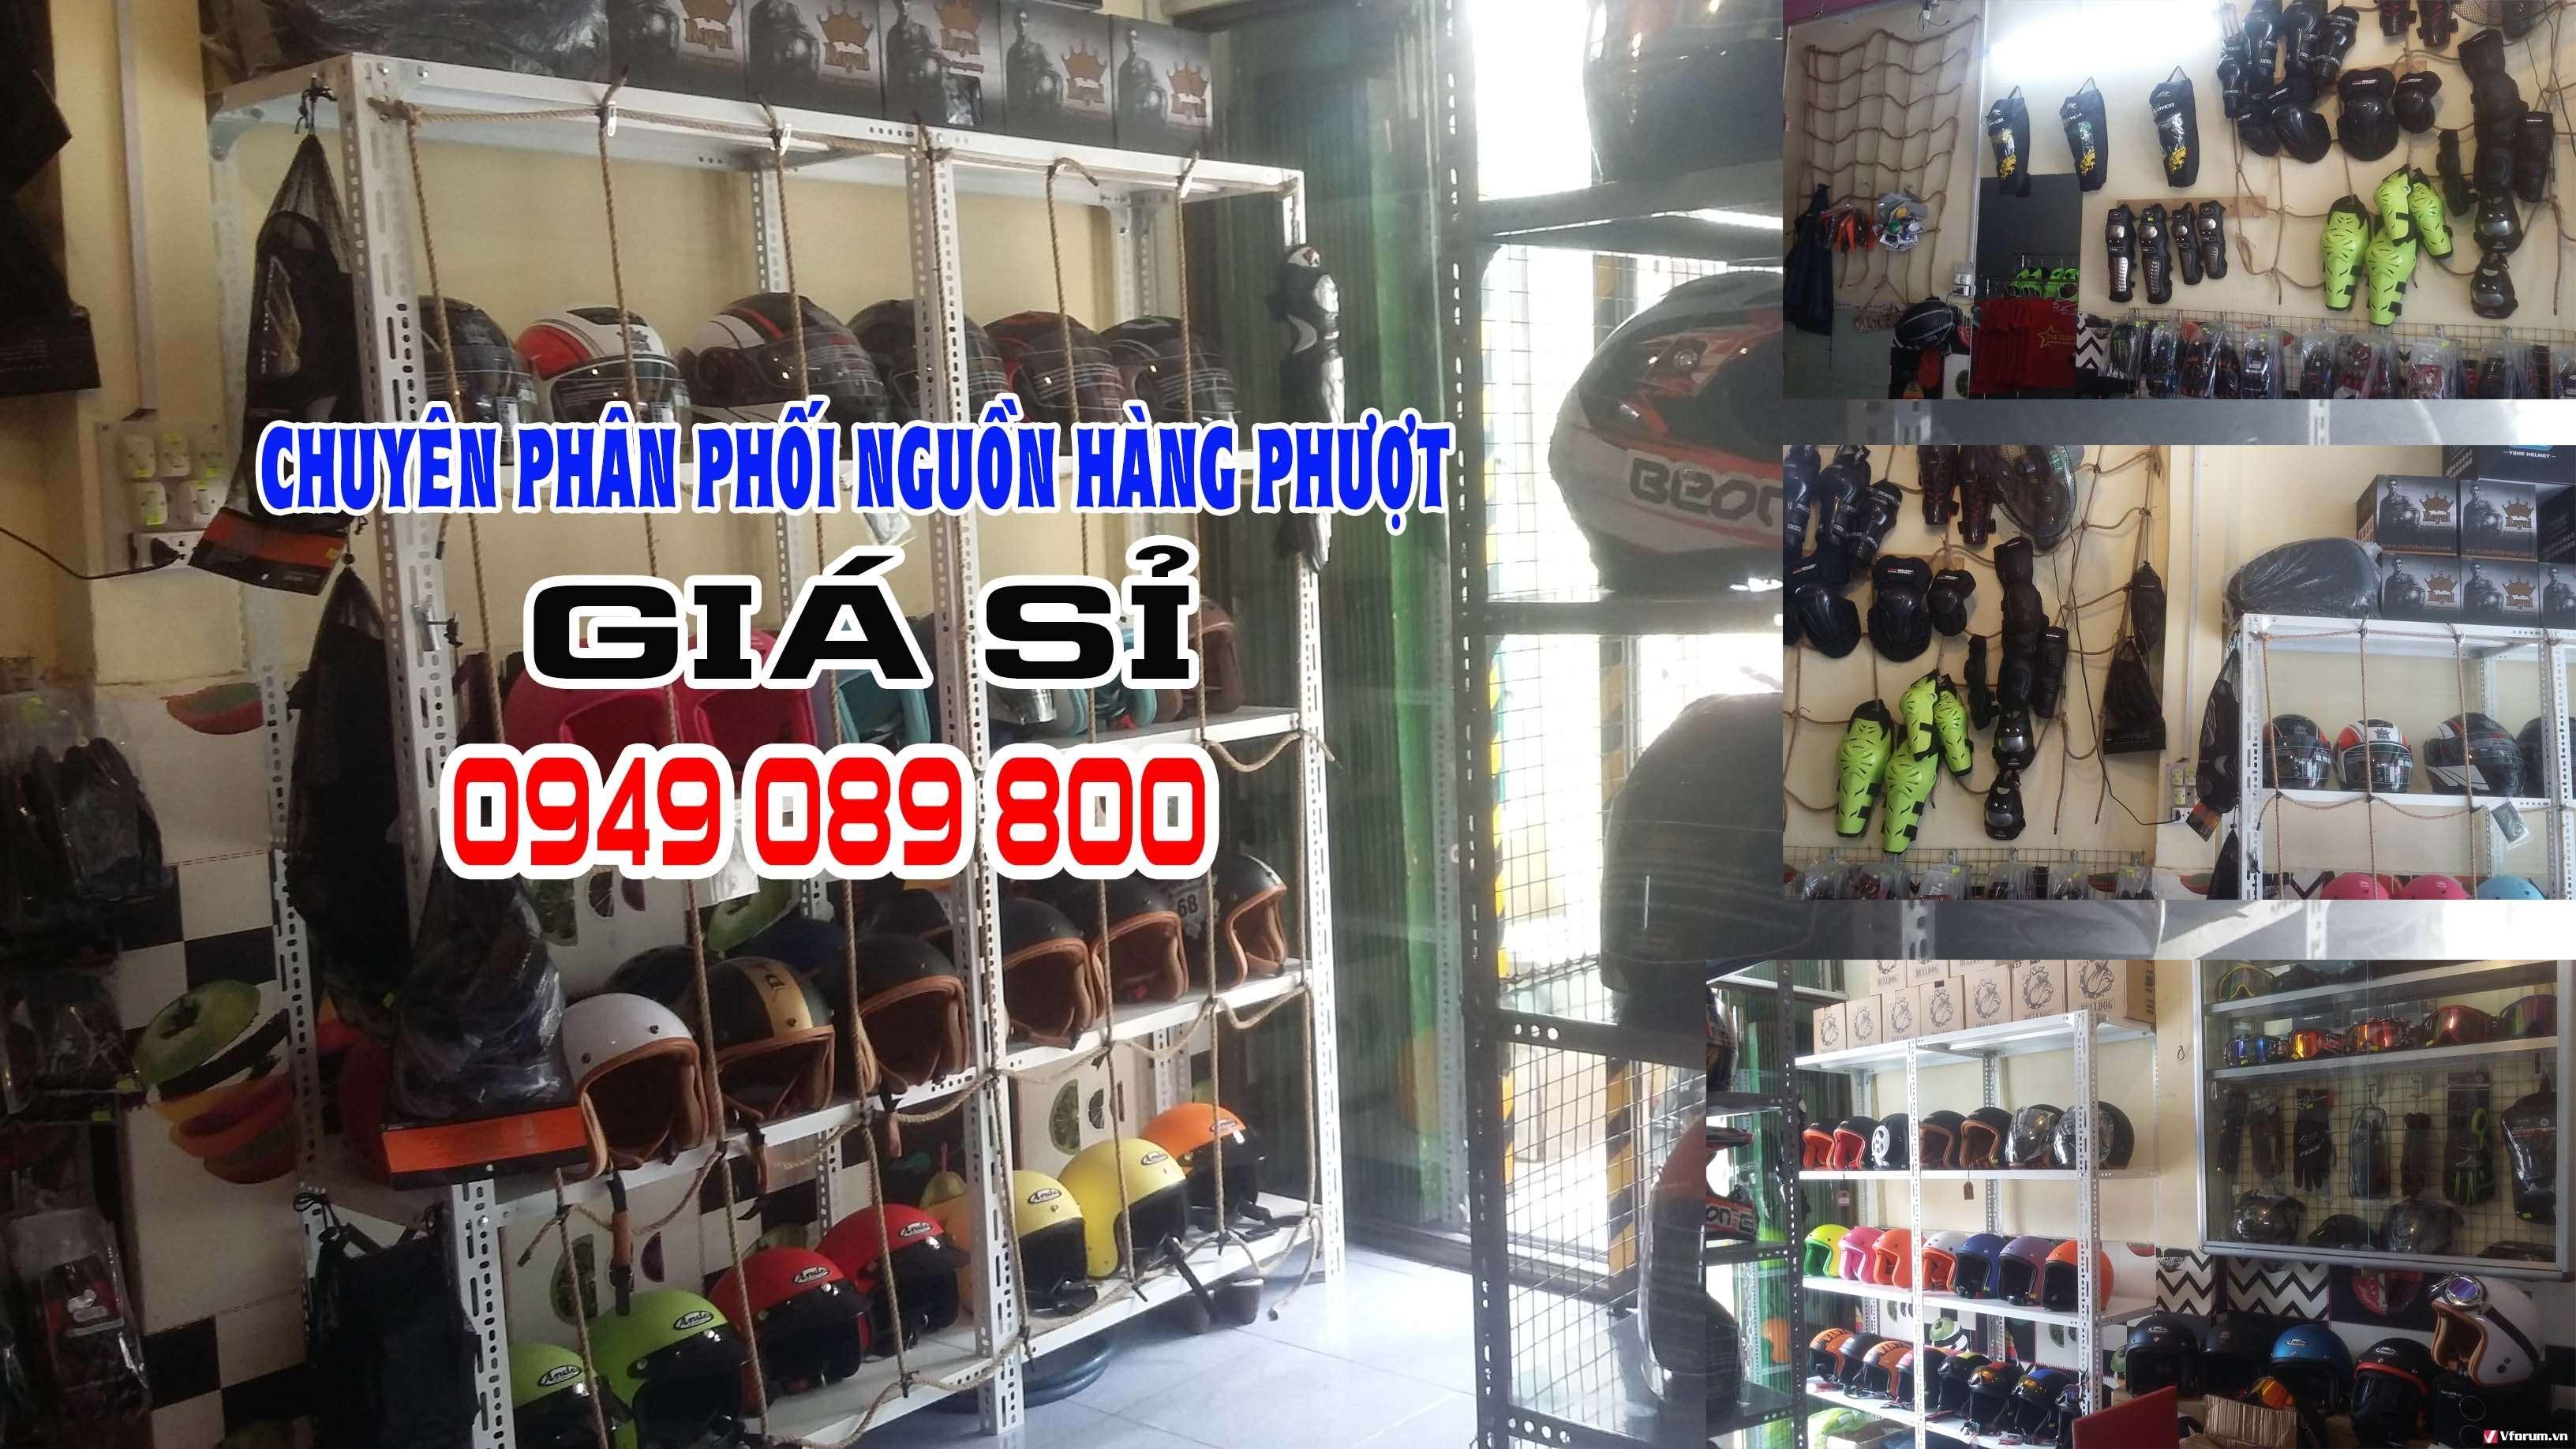 Đồ phượt giá rẻ tại Quận Bình Tân | Phượt 247